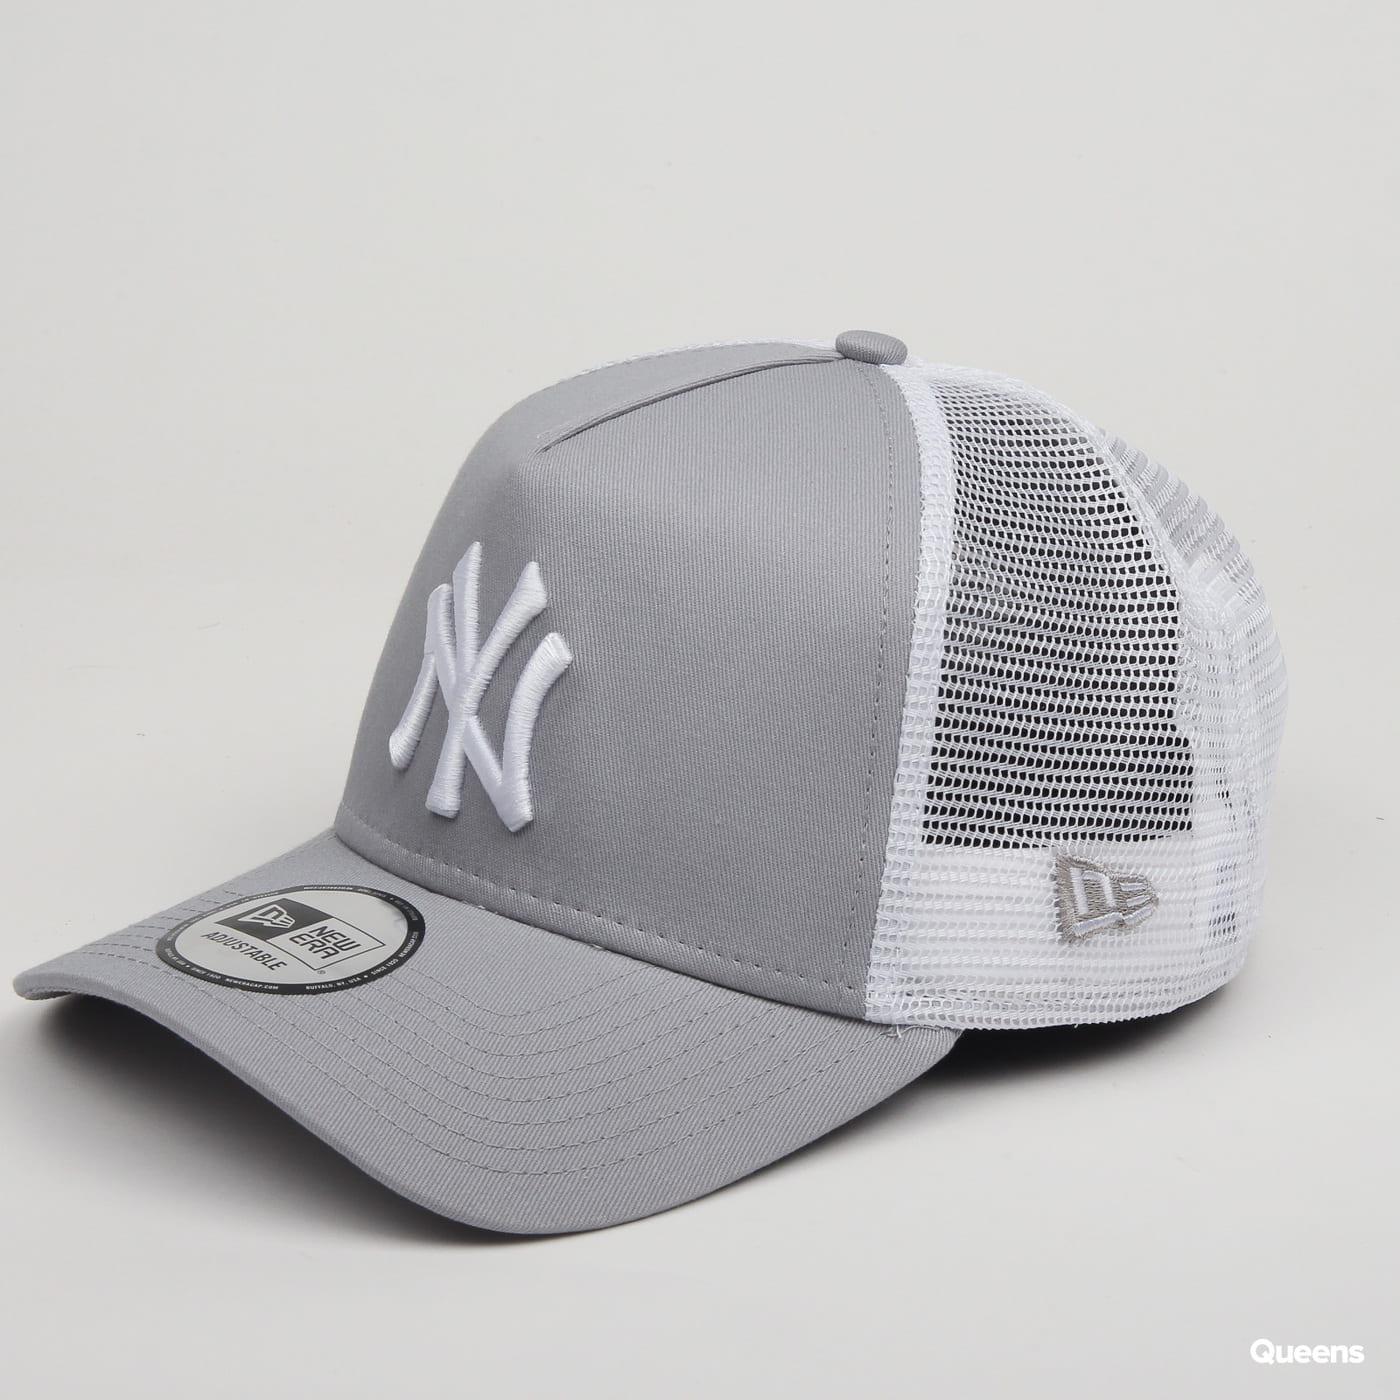 Nike Clean Trucker 2 NY C/O gray / white